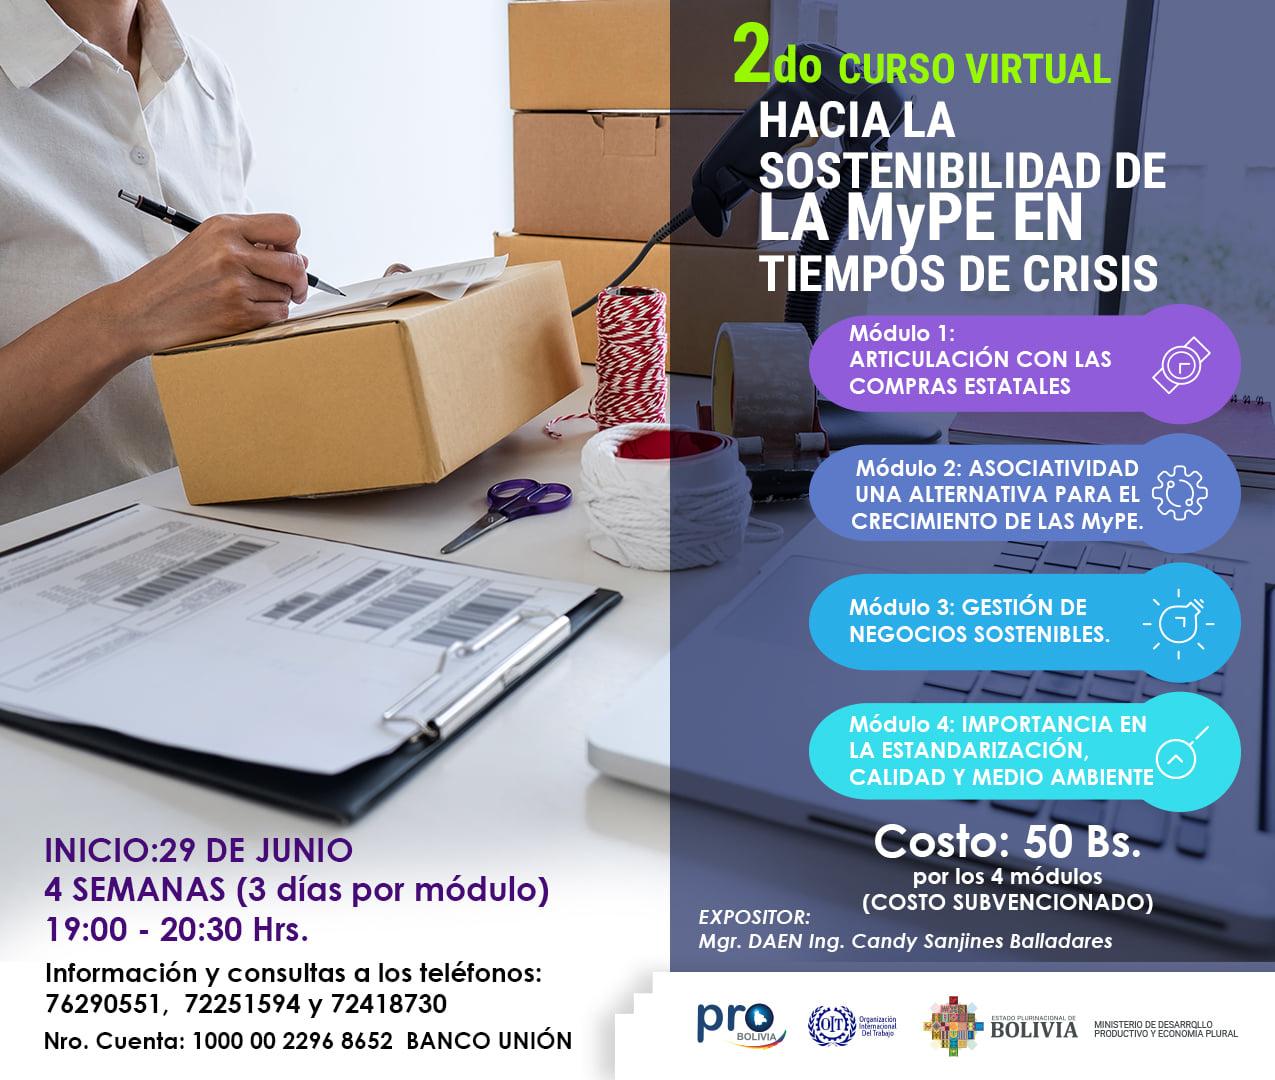 Curso en sostenibilidad de la MyPE en tiempos de crisis